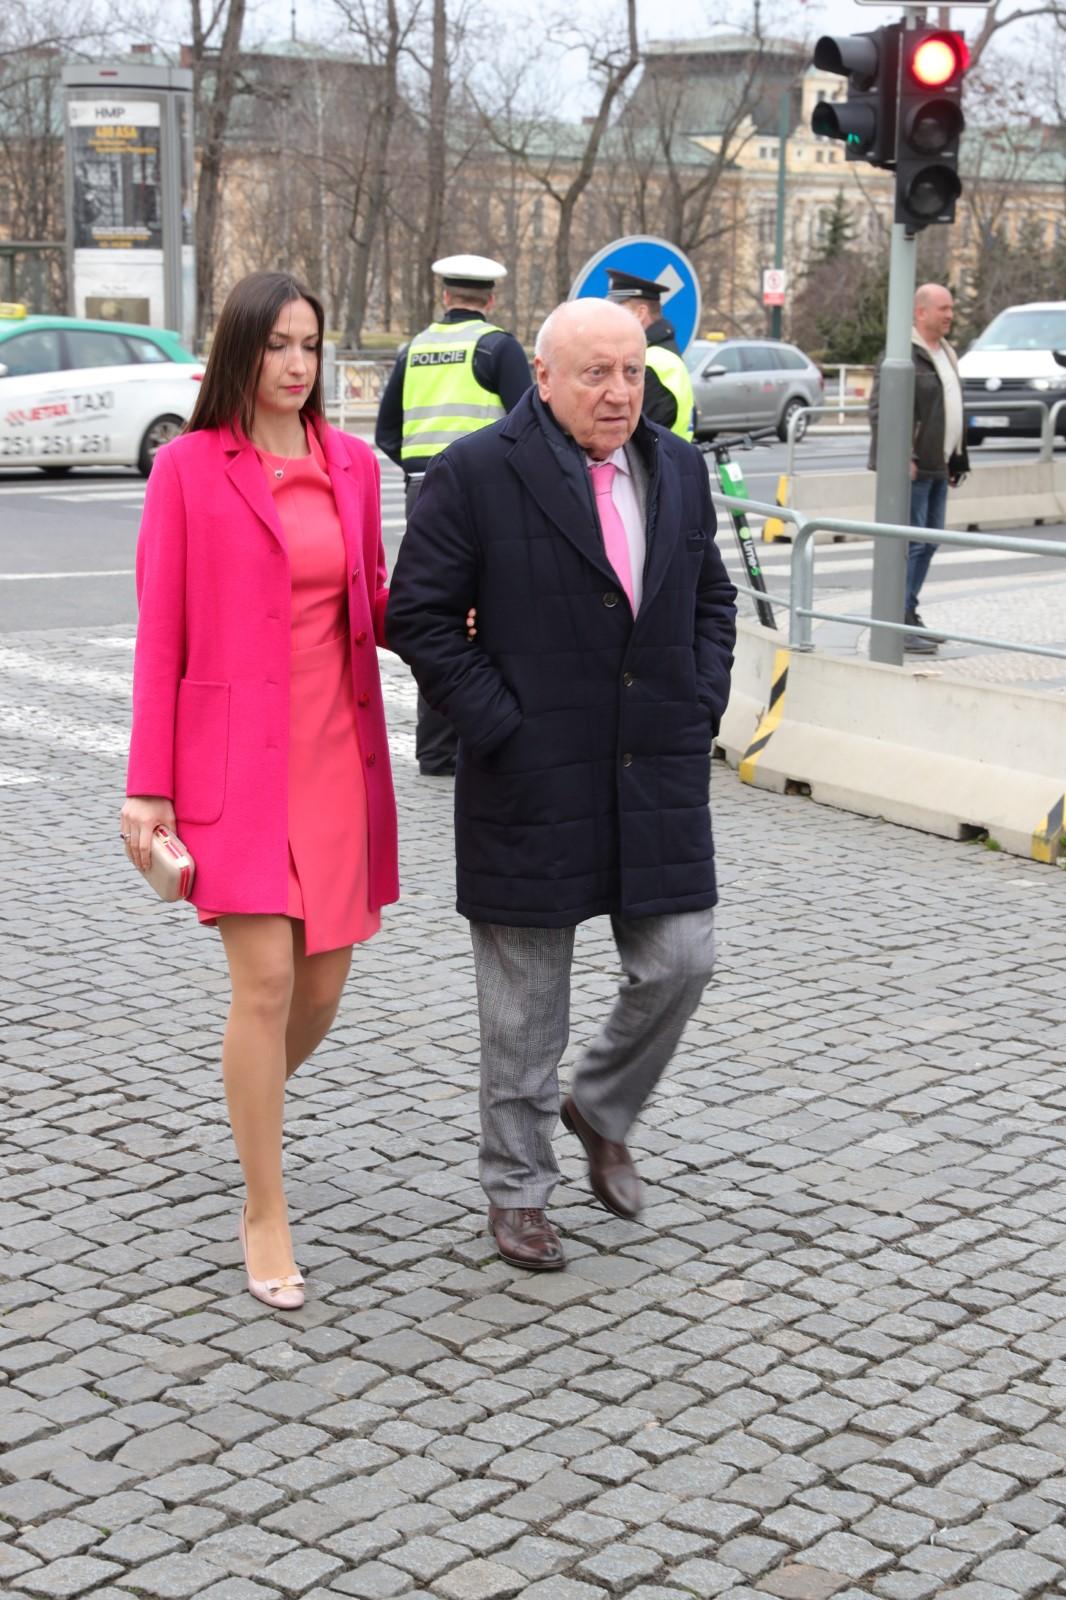 Felix Slováček s partnerkou Lucií Gelemovou přichází na oslavu konanou ku příležitosti sedmi let od inaugurace prezidenta Miloše Zemana na Pražském hradě. (8. 3. 2020)